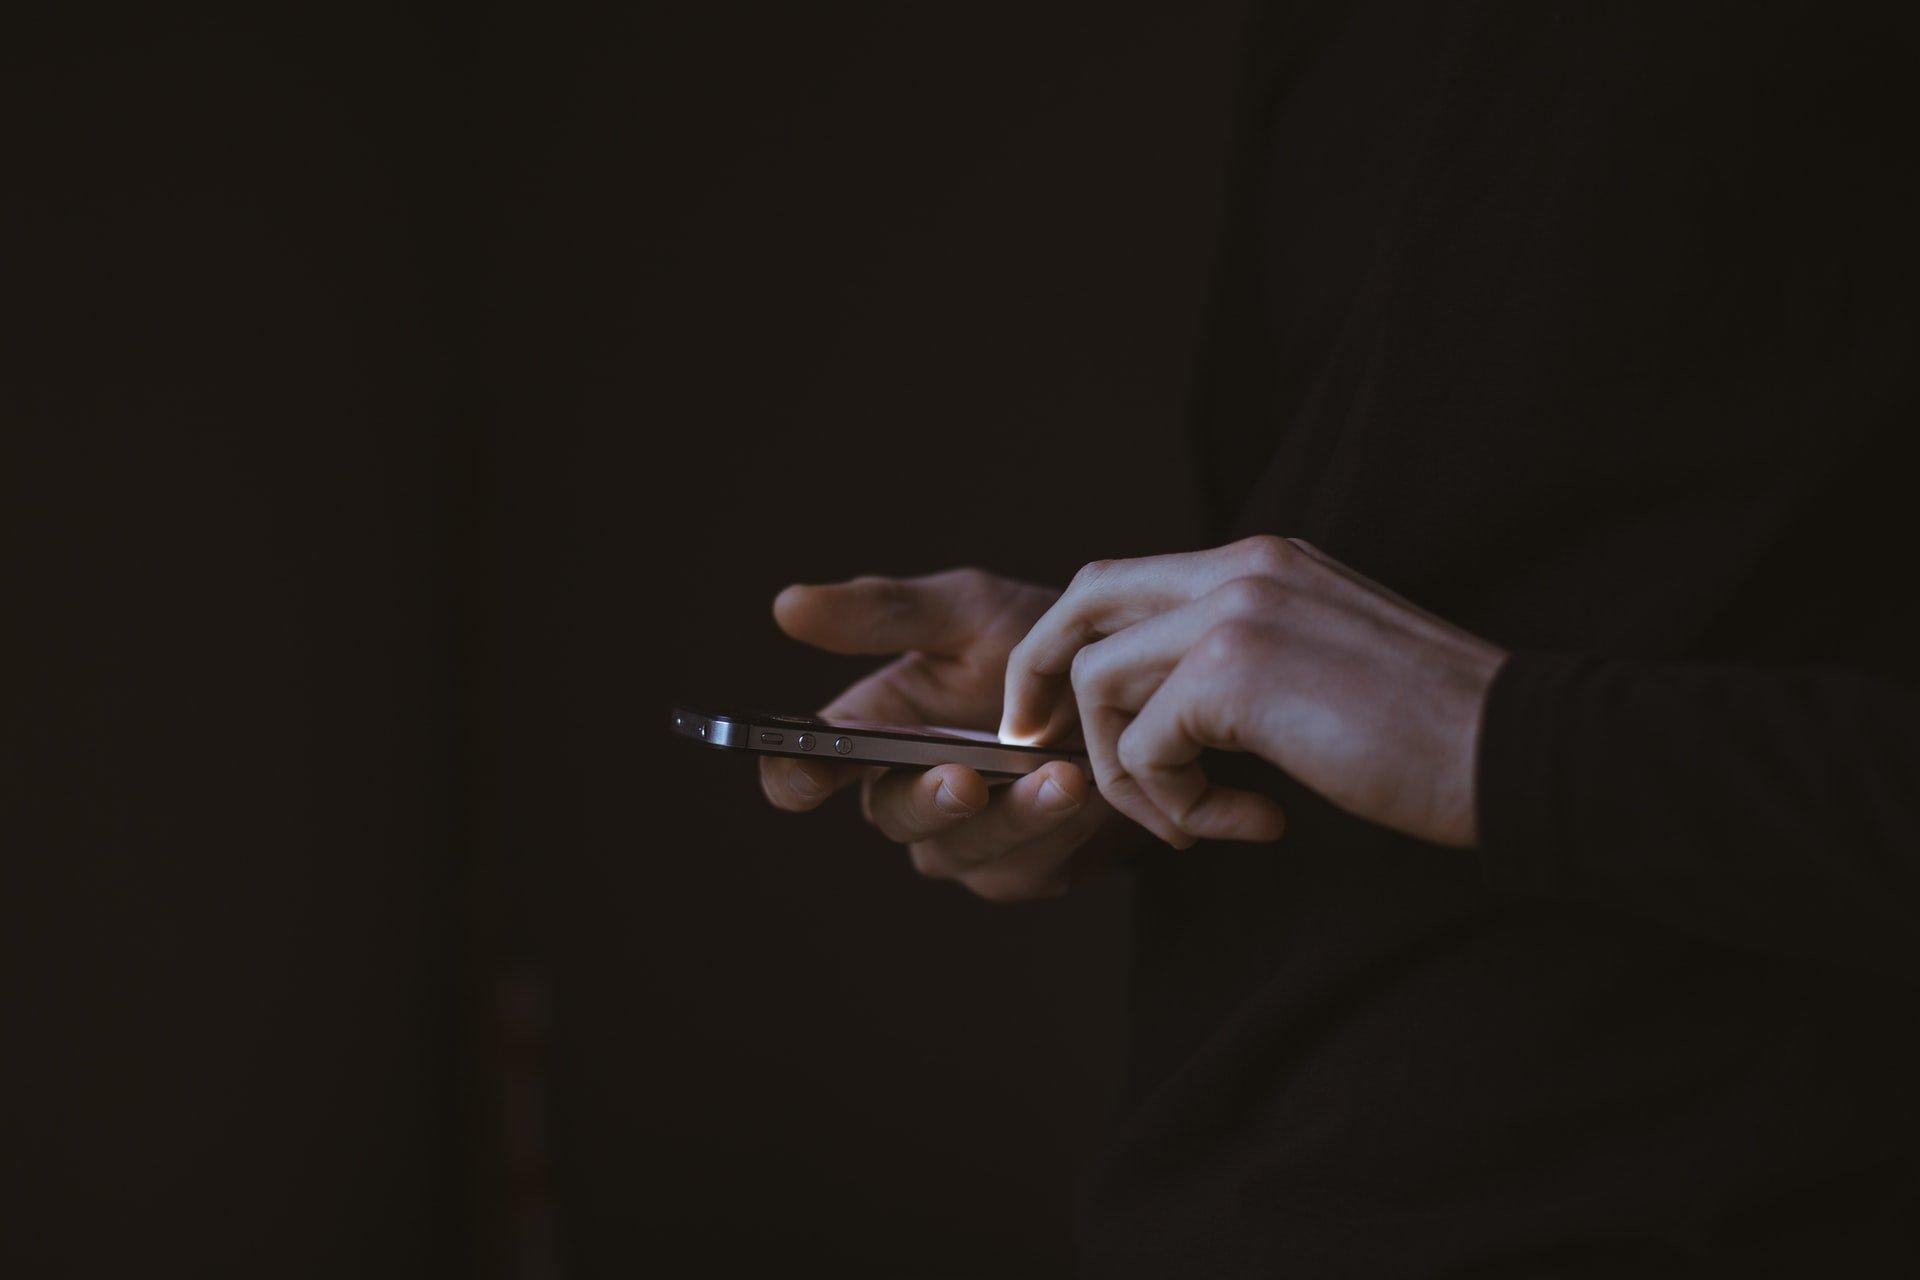 il minimalismo digitale evidenza il lato oscuro dei social spiegato in una foto